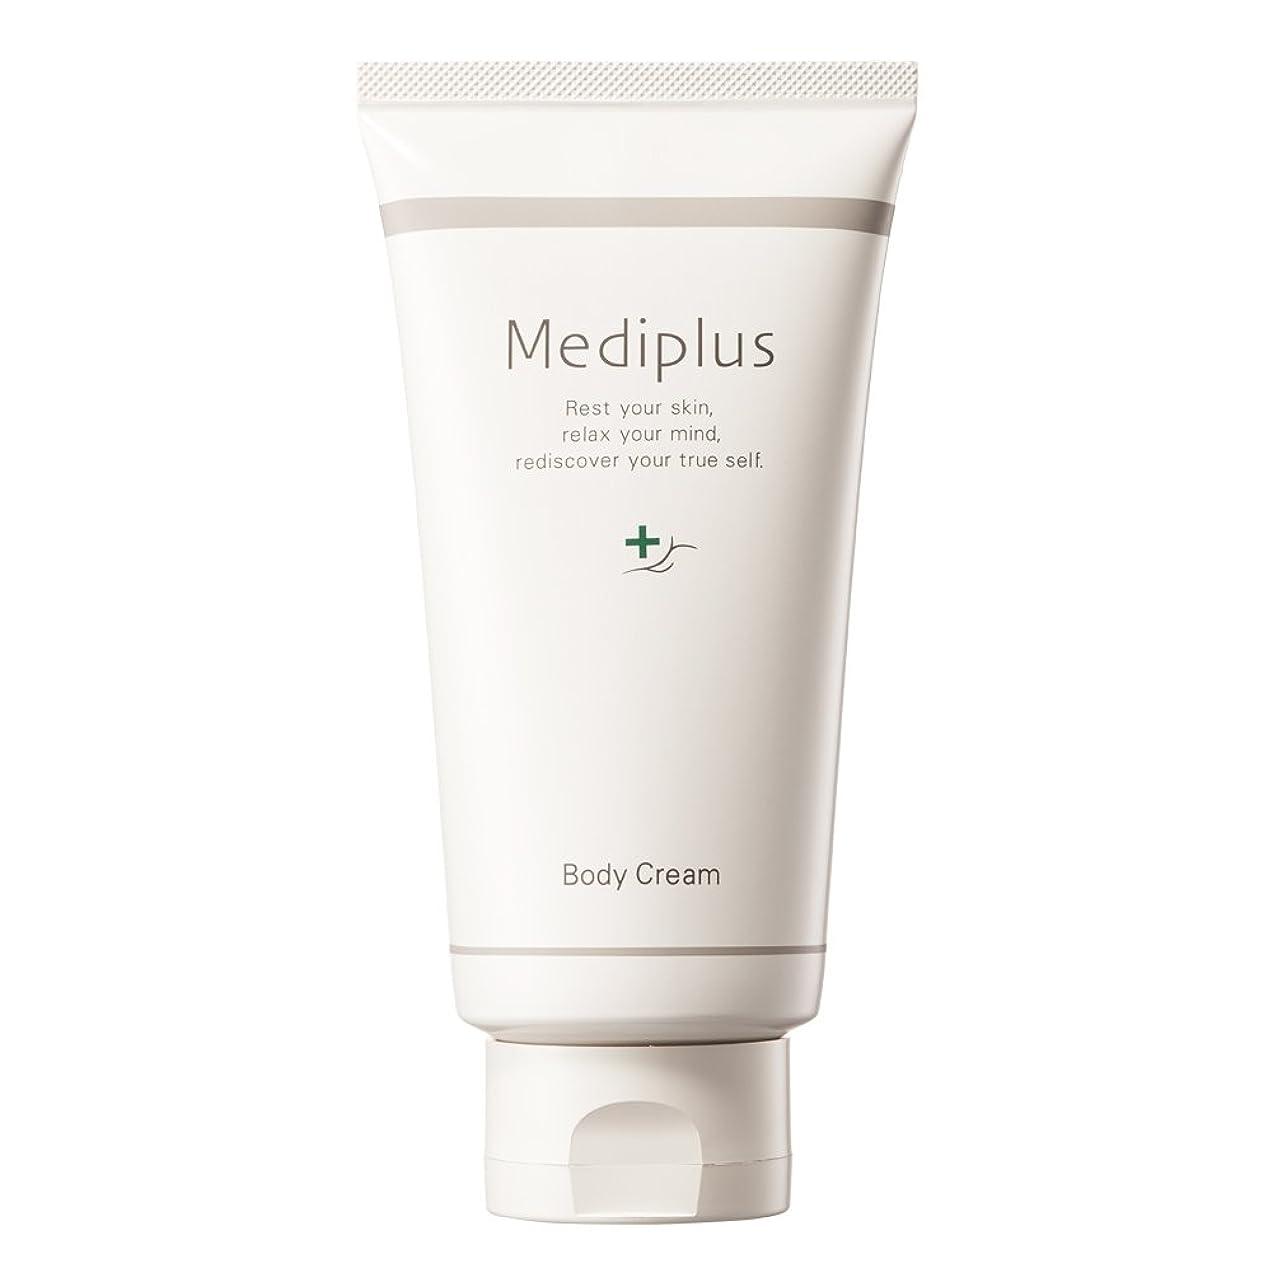 消費神の観察するmediplus メディプラスボディクリーム 150g(約2ヵ月分)